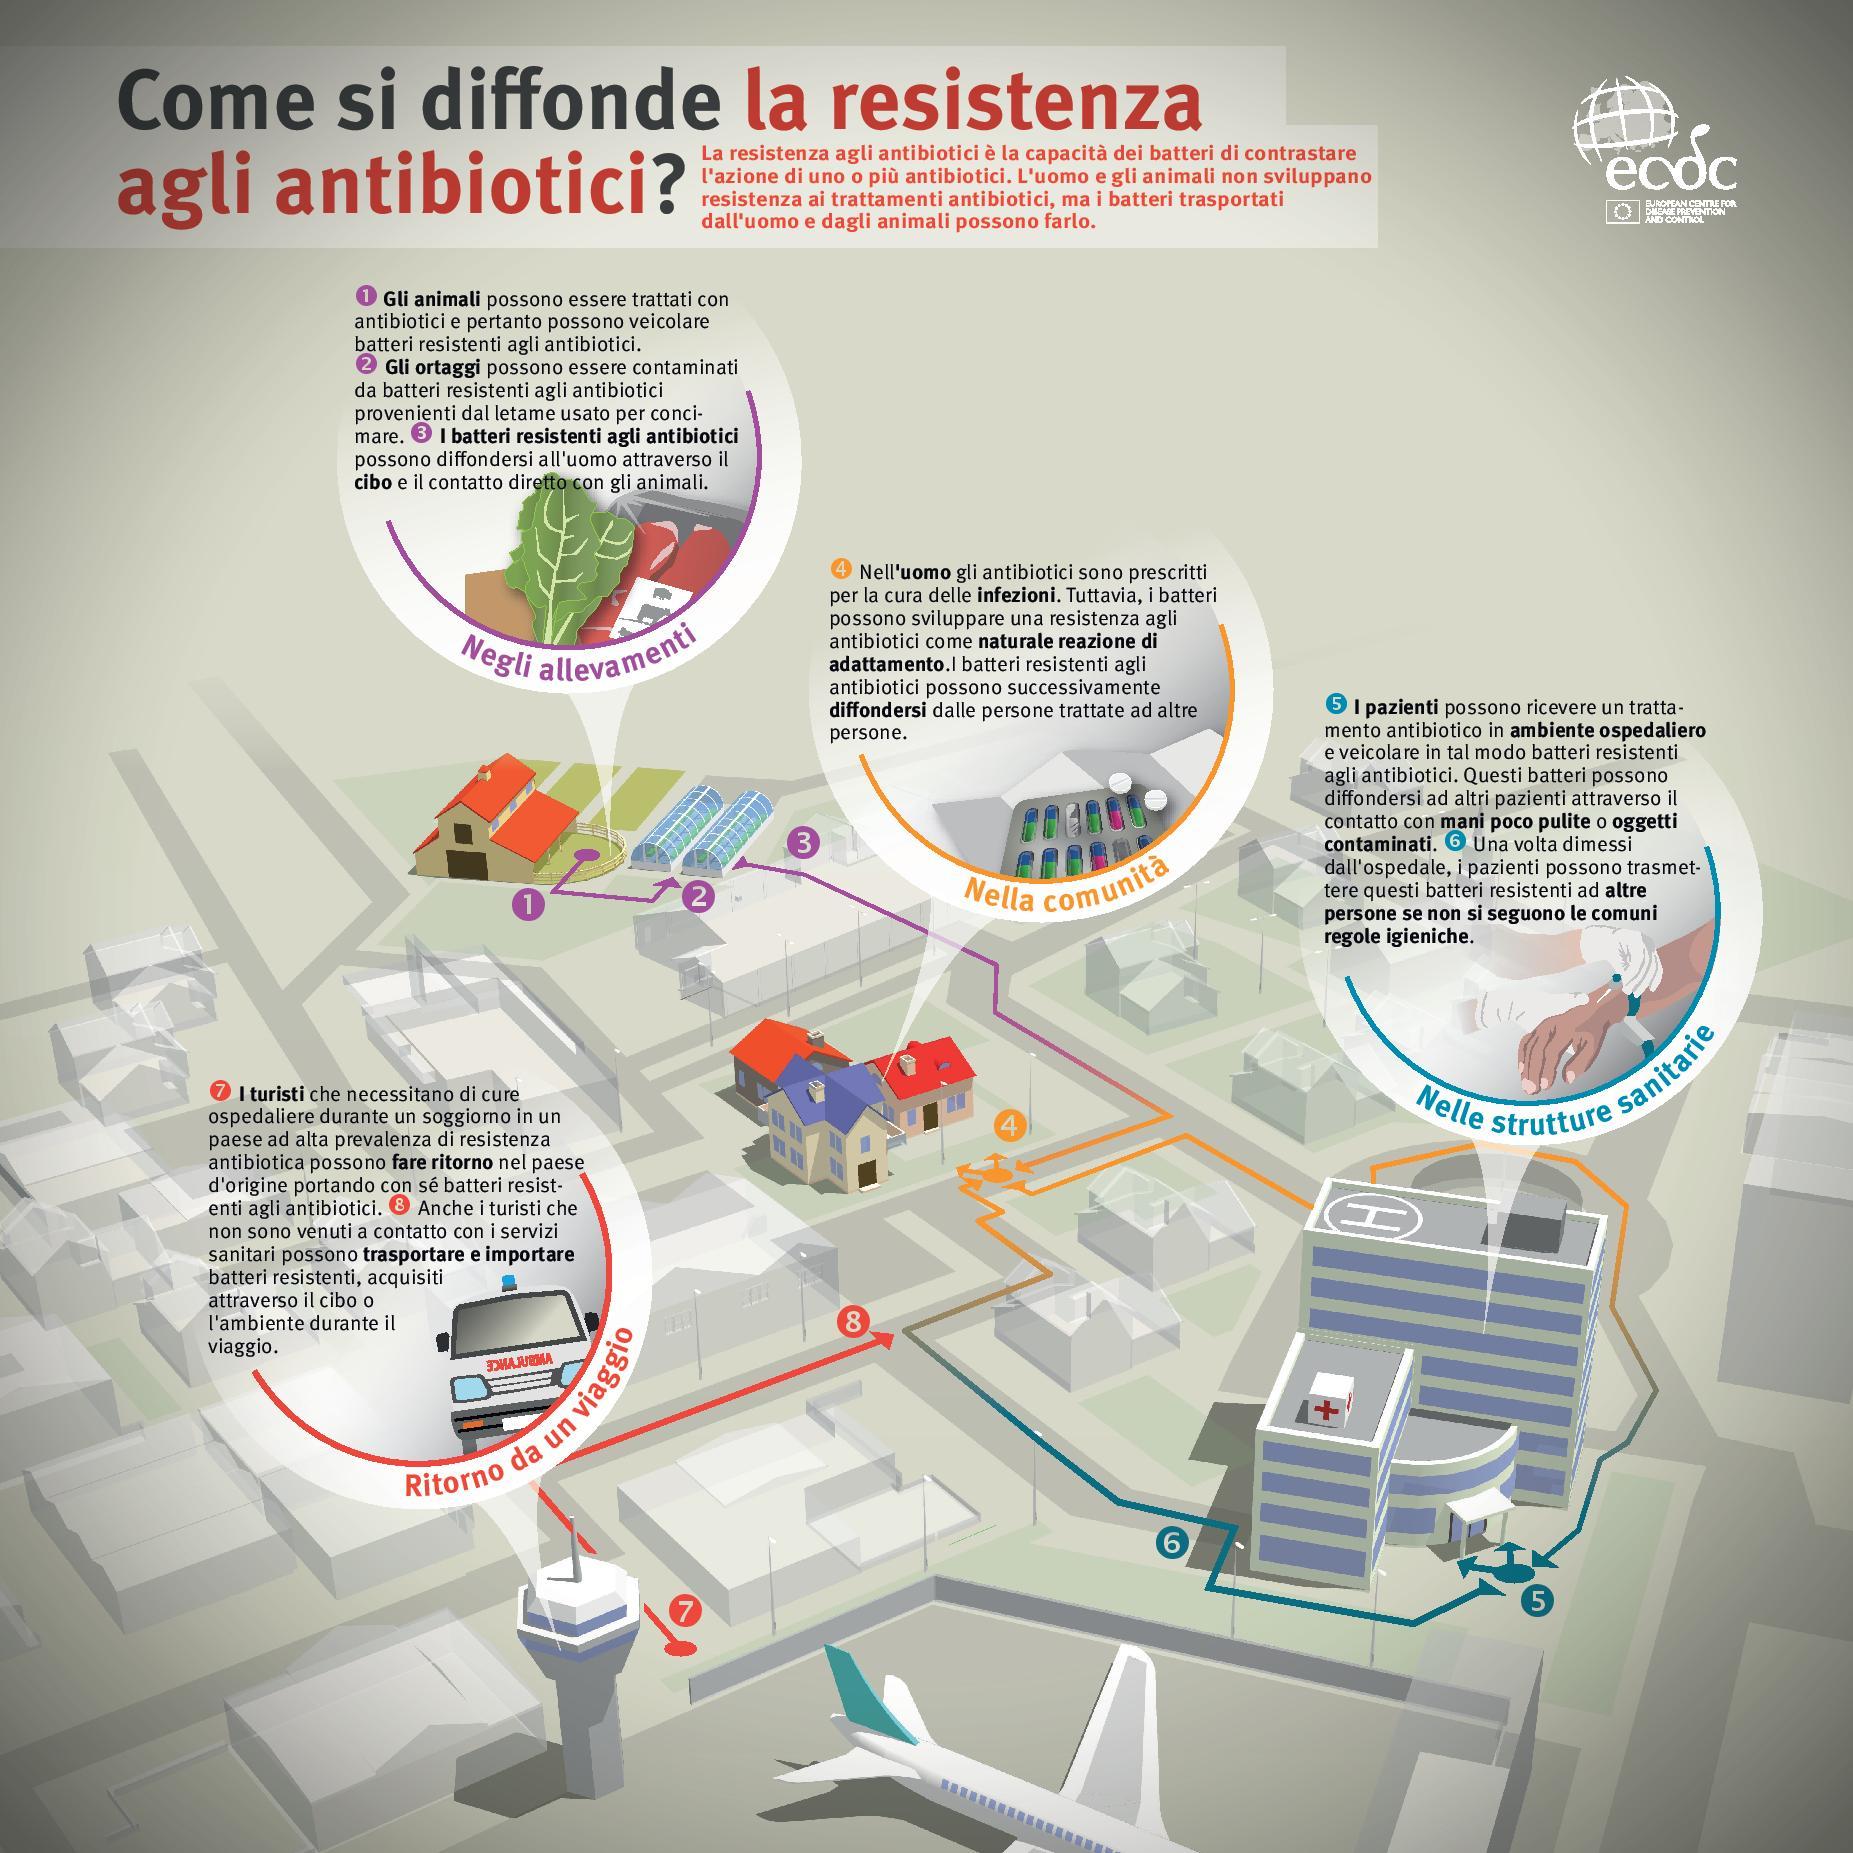 resistenza agli antibiotici infografica ecdc